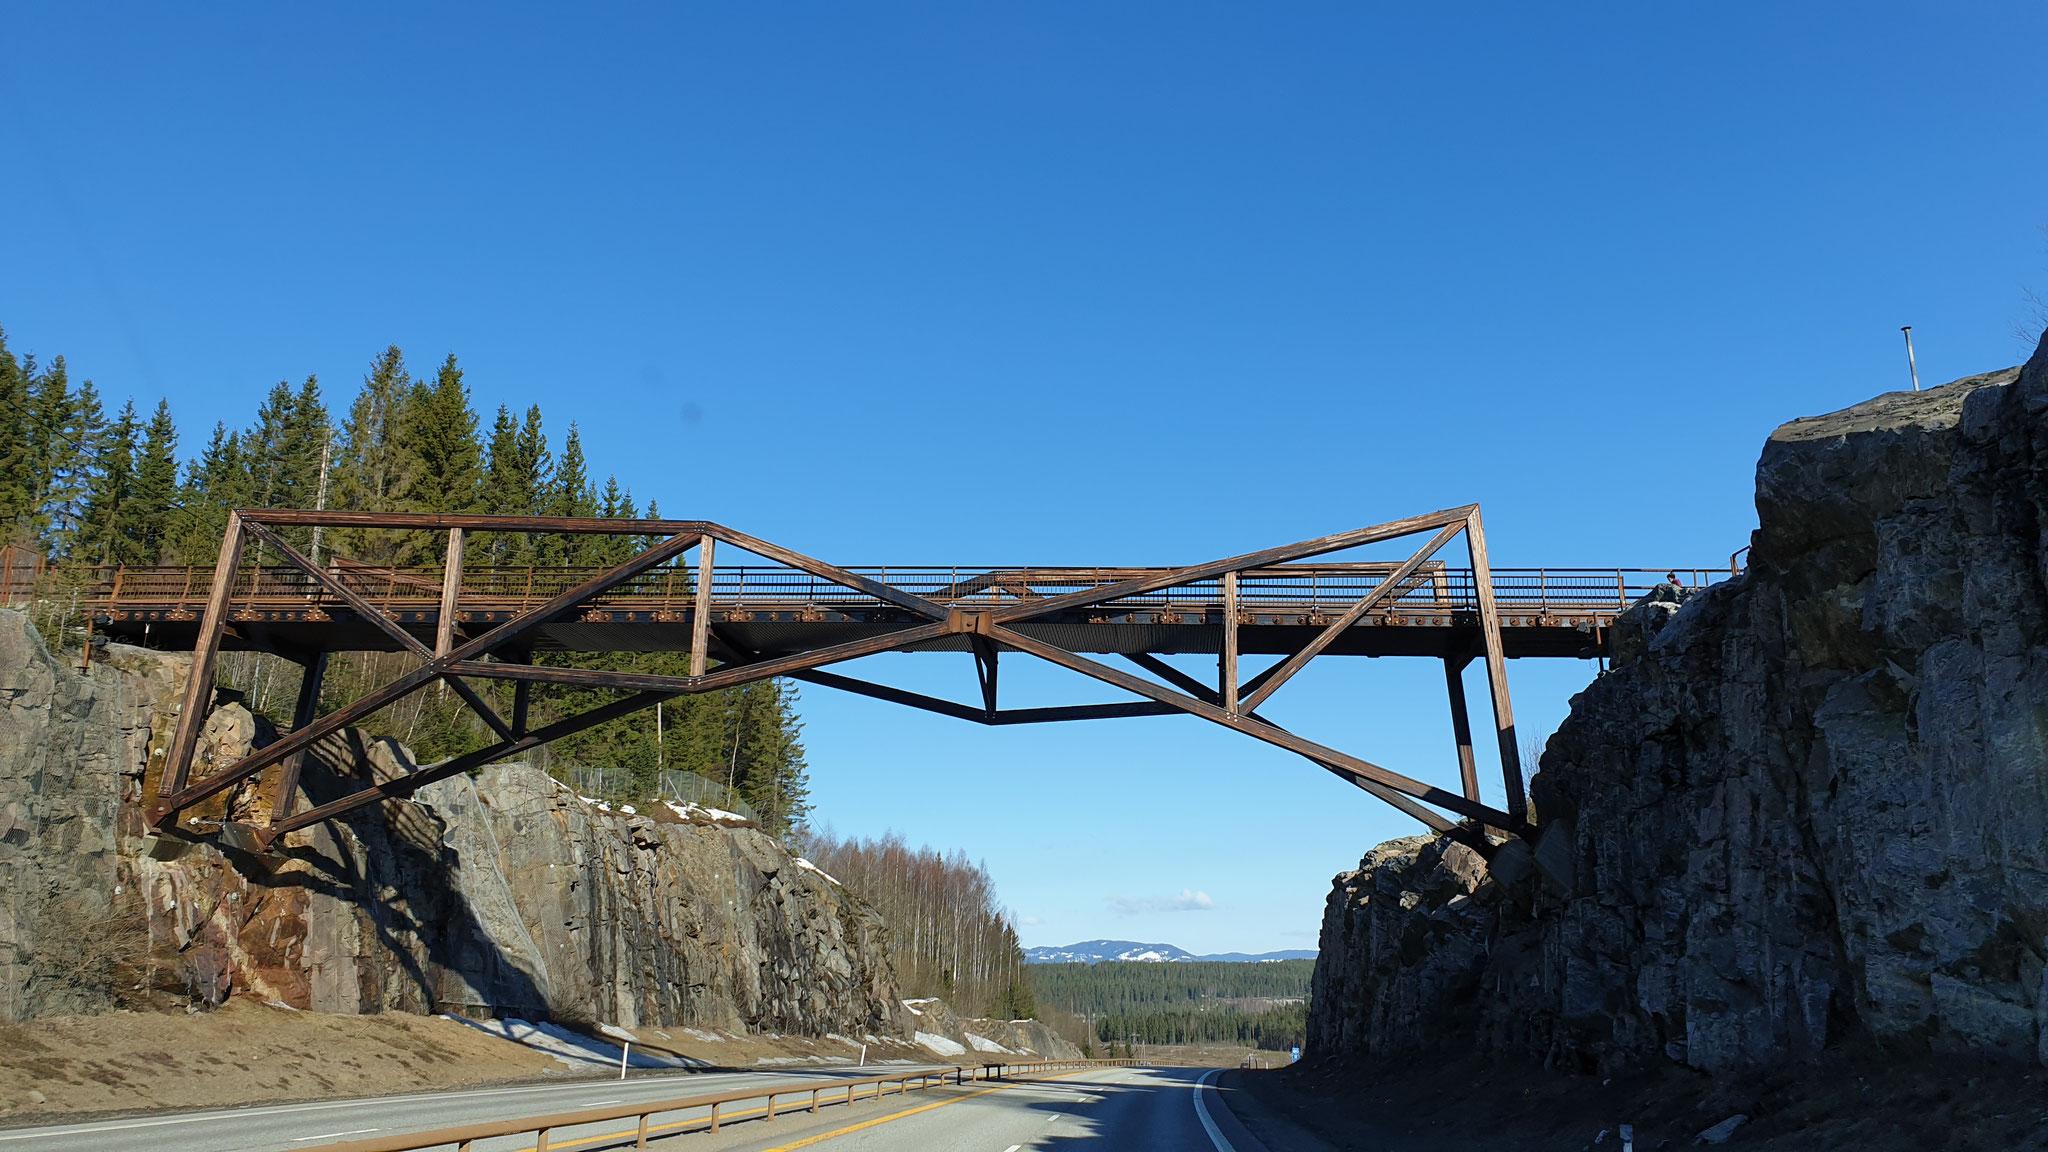 Ob diese Brücke noch hält?